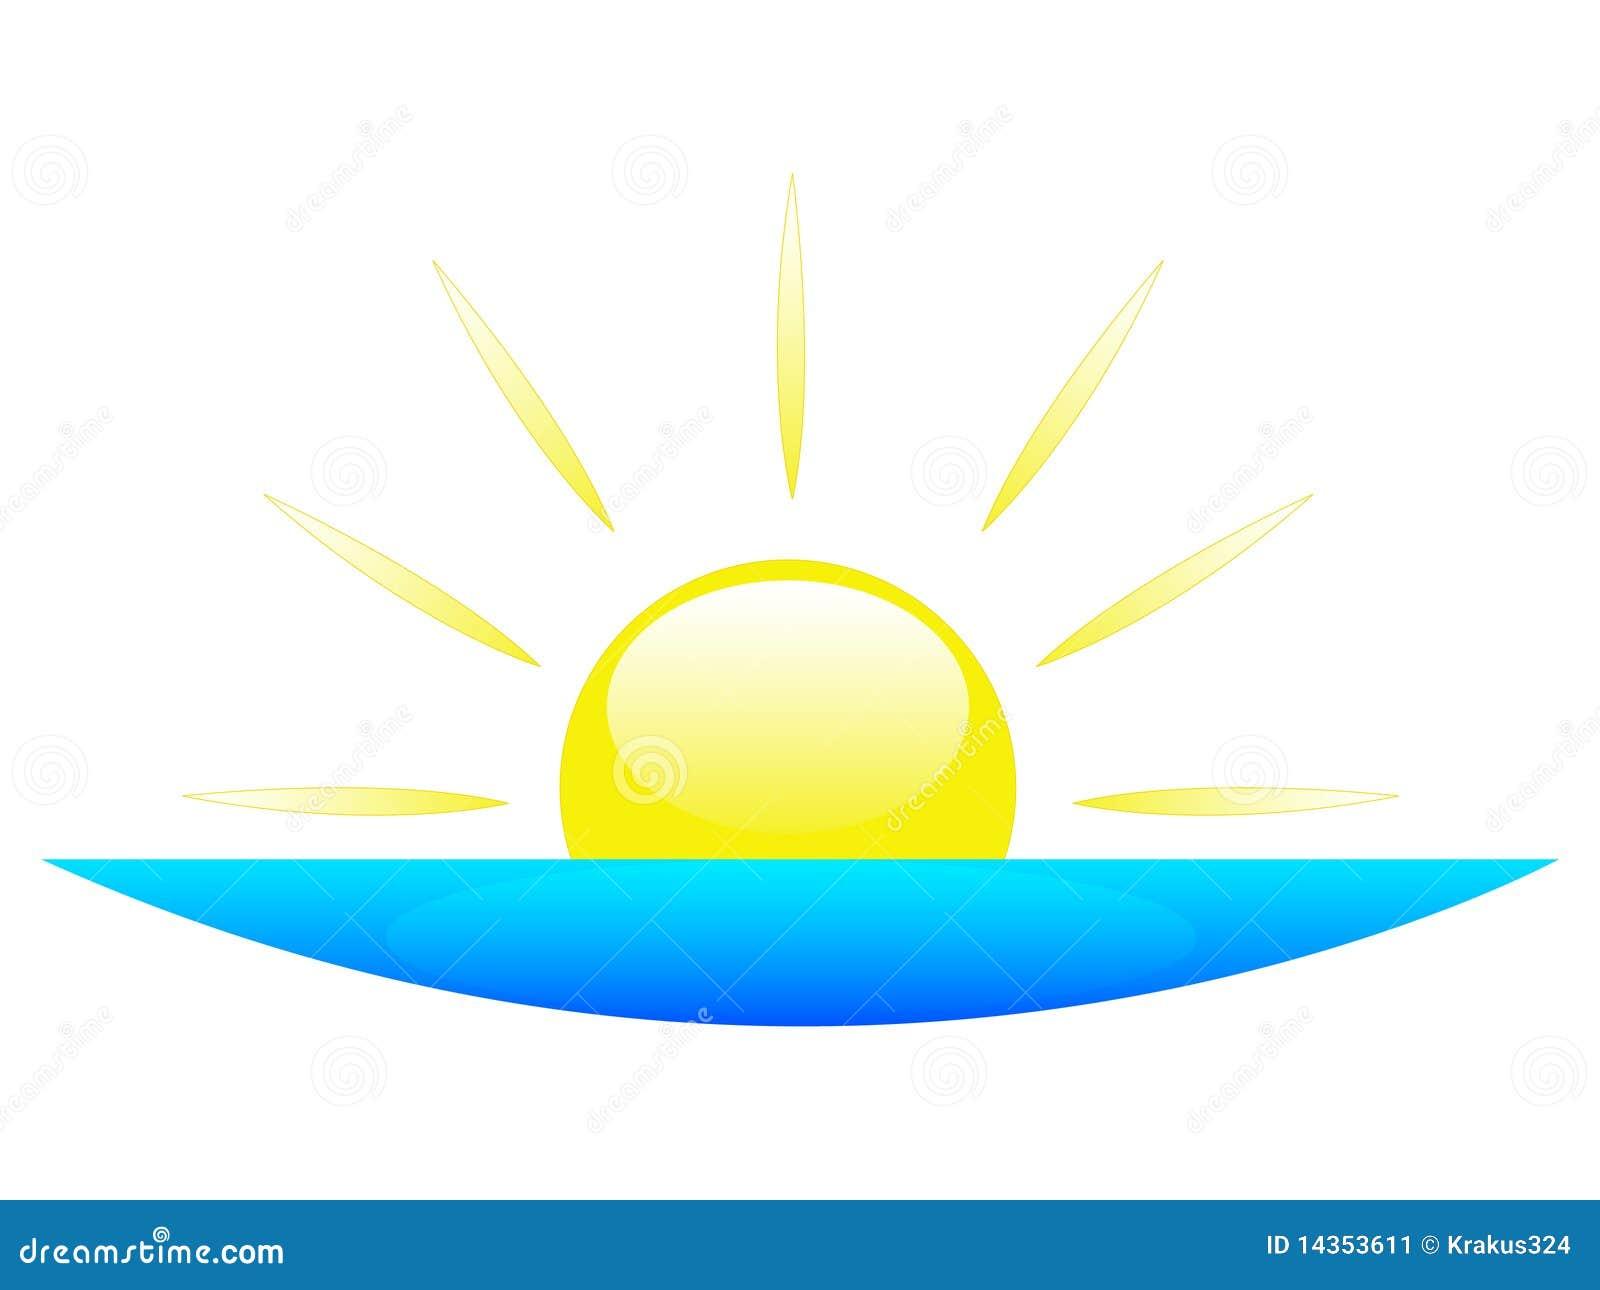 sunrise or sunset stock illustration illustration of sunrise 14353611 rh dreamstime com Sunrise Yoga Clip Art Sunrise Clip Art Wallpaper